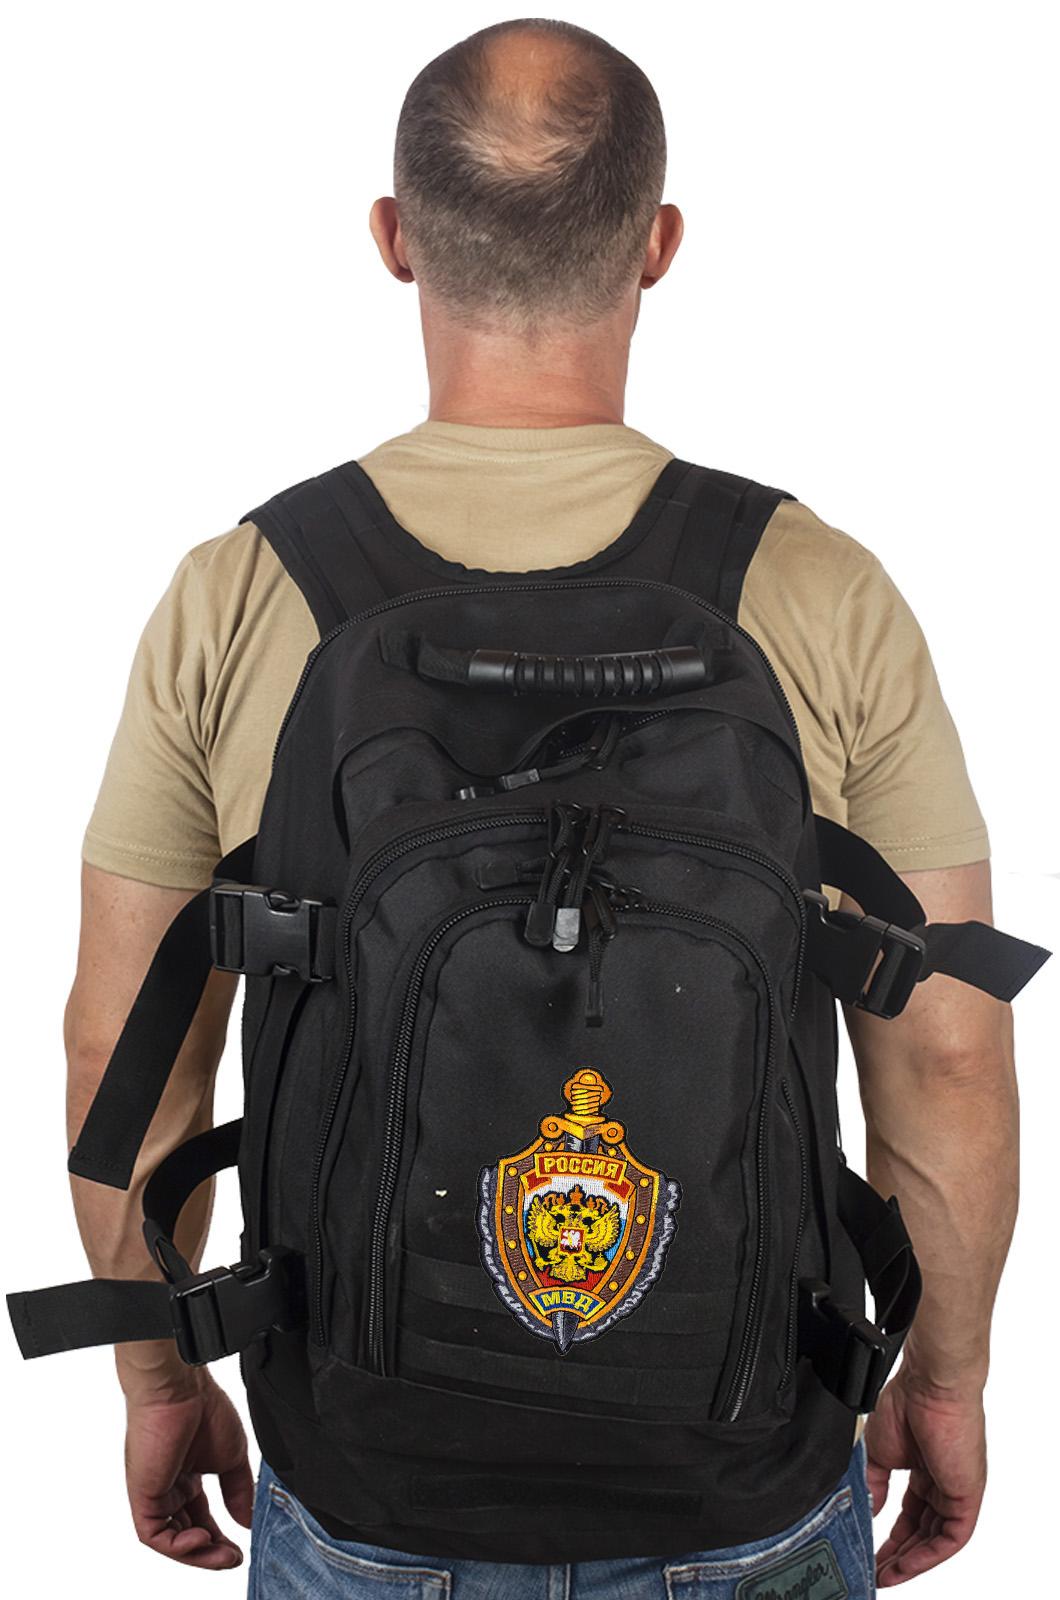 Черный рюкзак универсального назначения 3-Day Expandable Backpack 08002B Black с эмблемой МВД